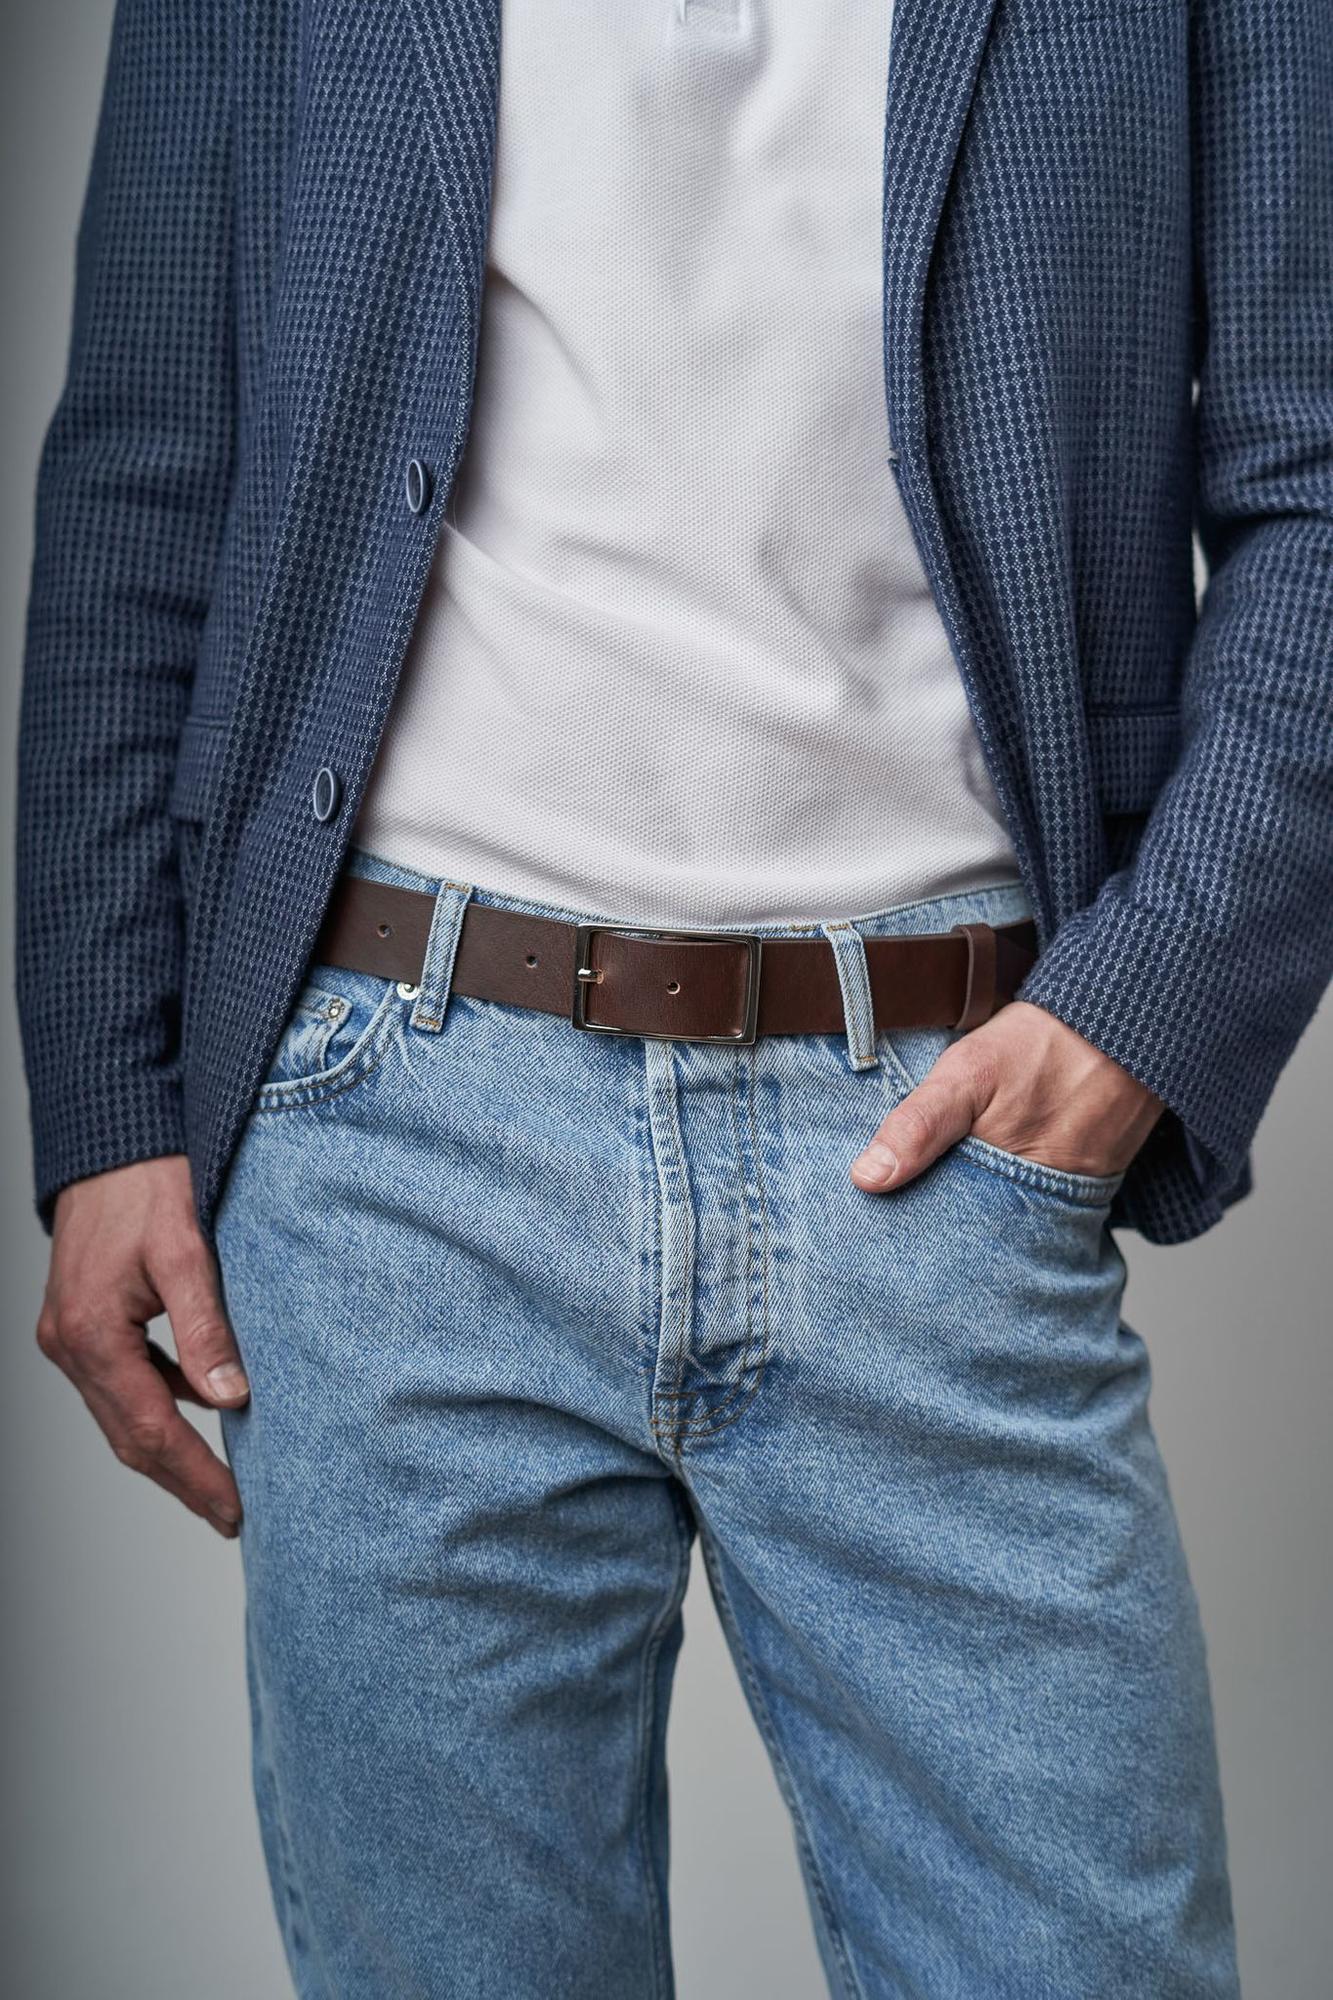 PASEK UNIQUE & CLASSY ciemny brąz srebrna klasyczna prostokątna klamra do spodni - Bellera